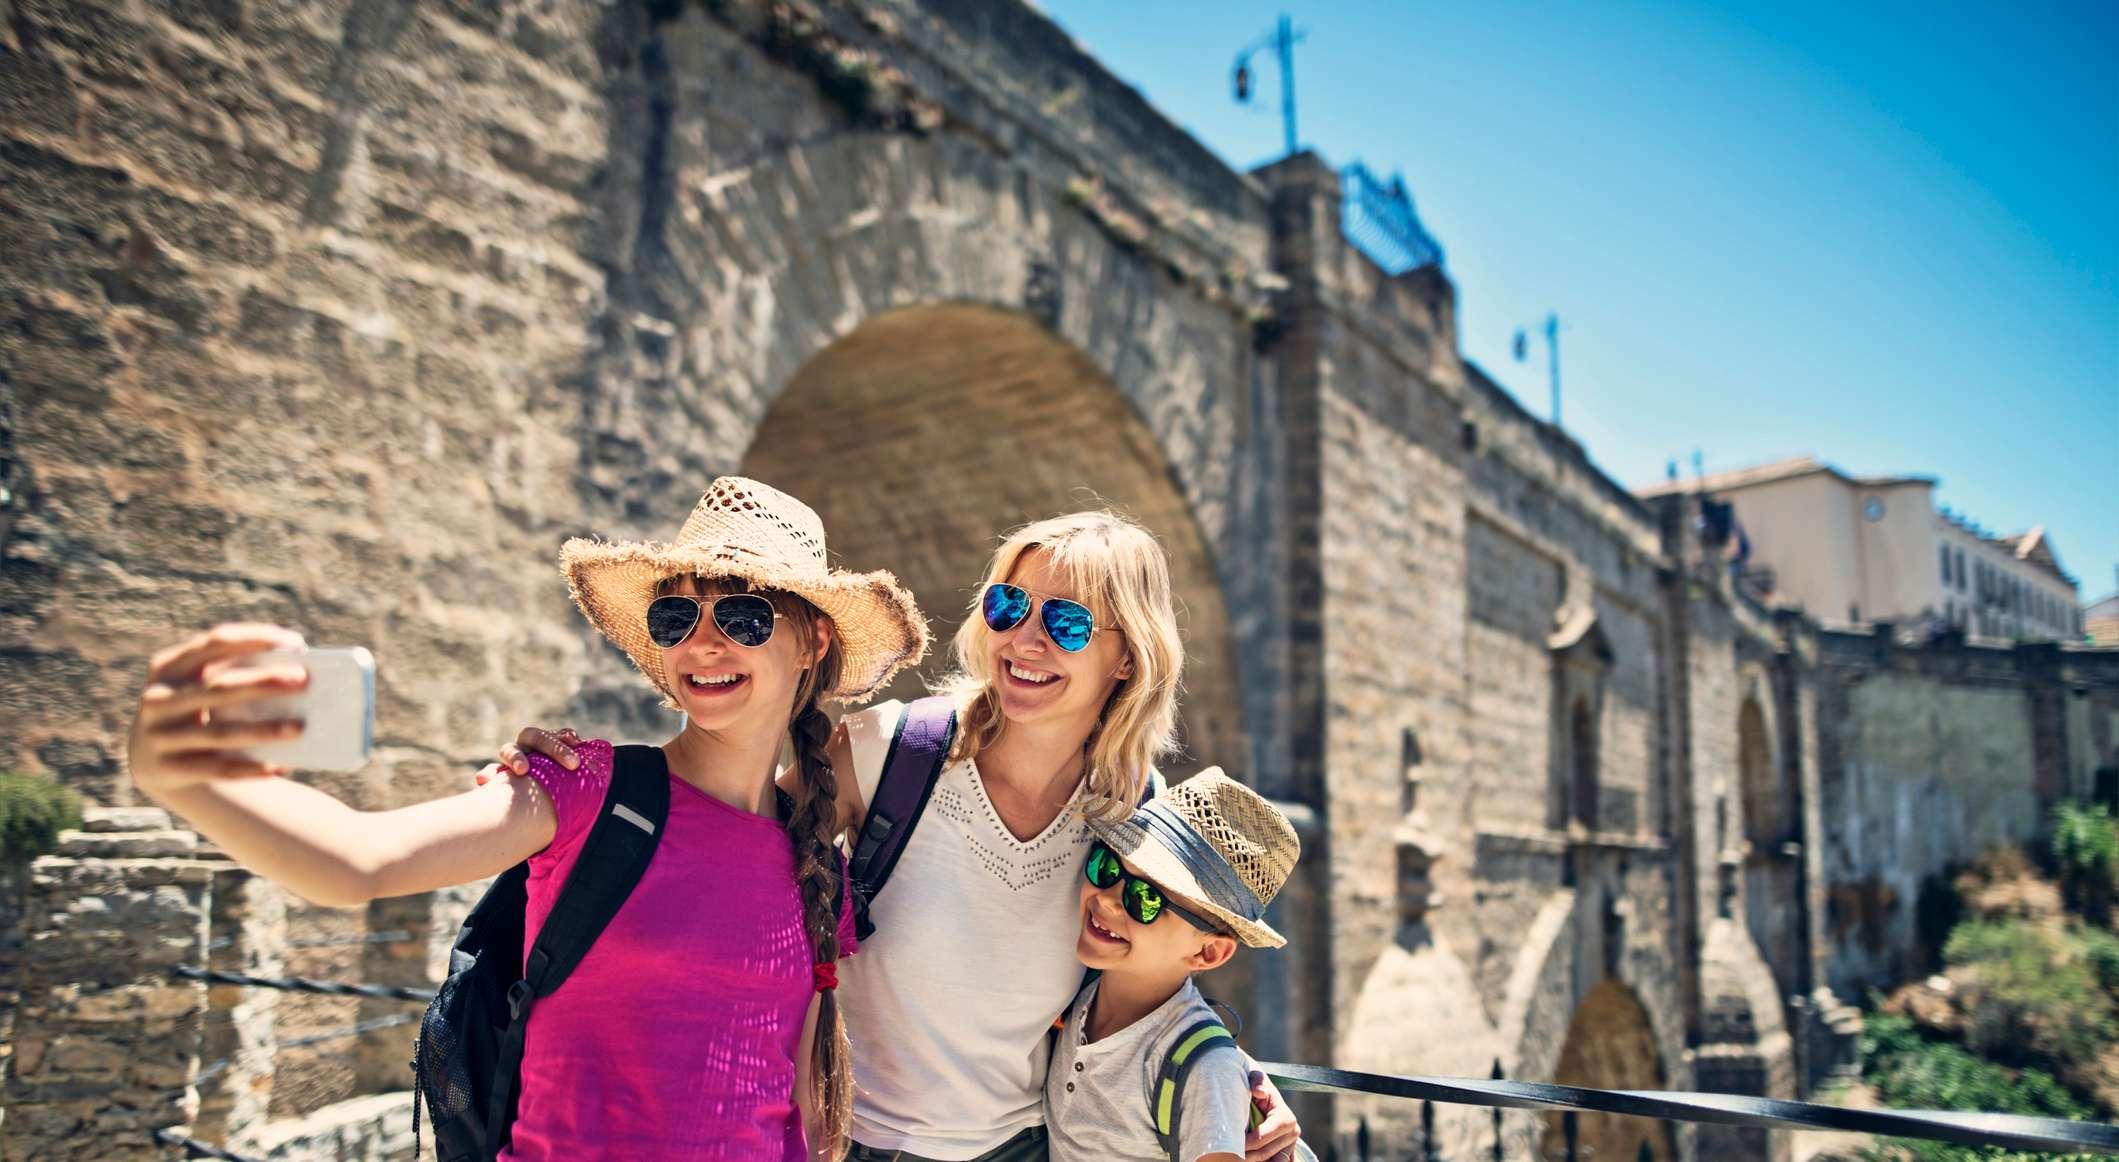 Mutter, Tochter und Sohn machen ein Foto vor einer historischen spanischen Stadtmauer